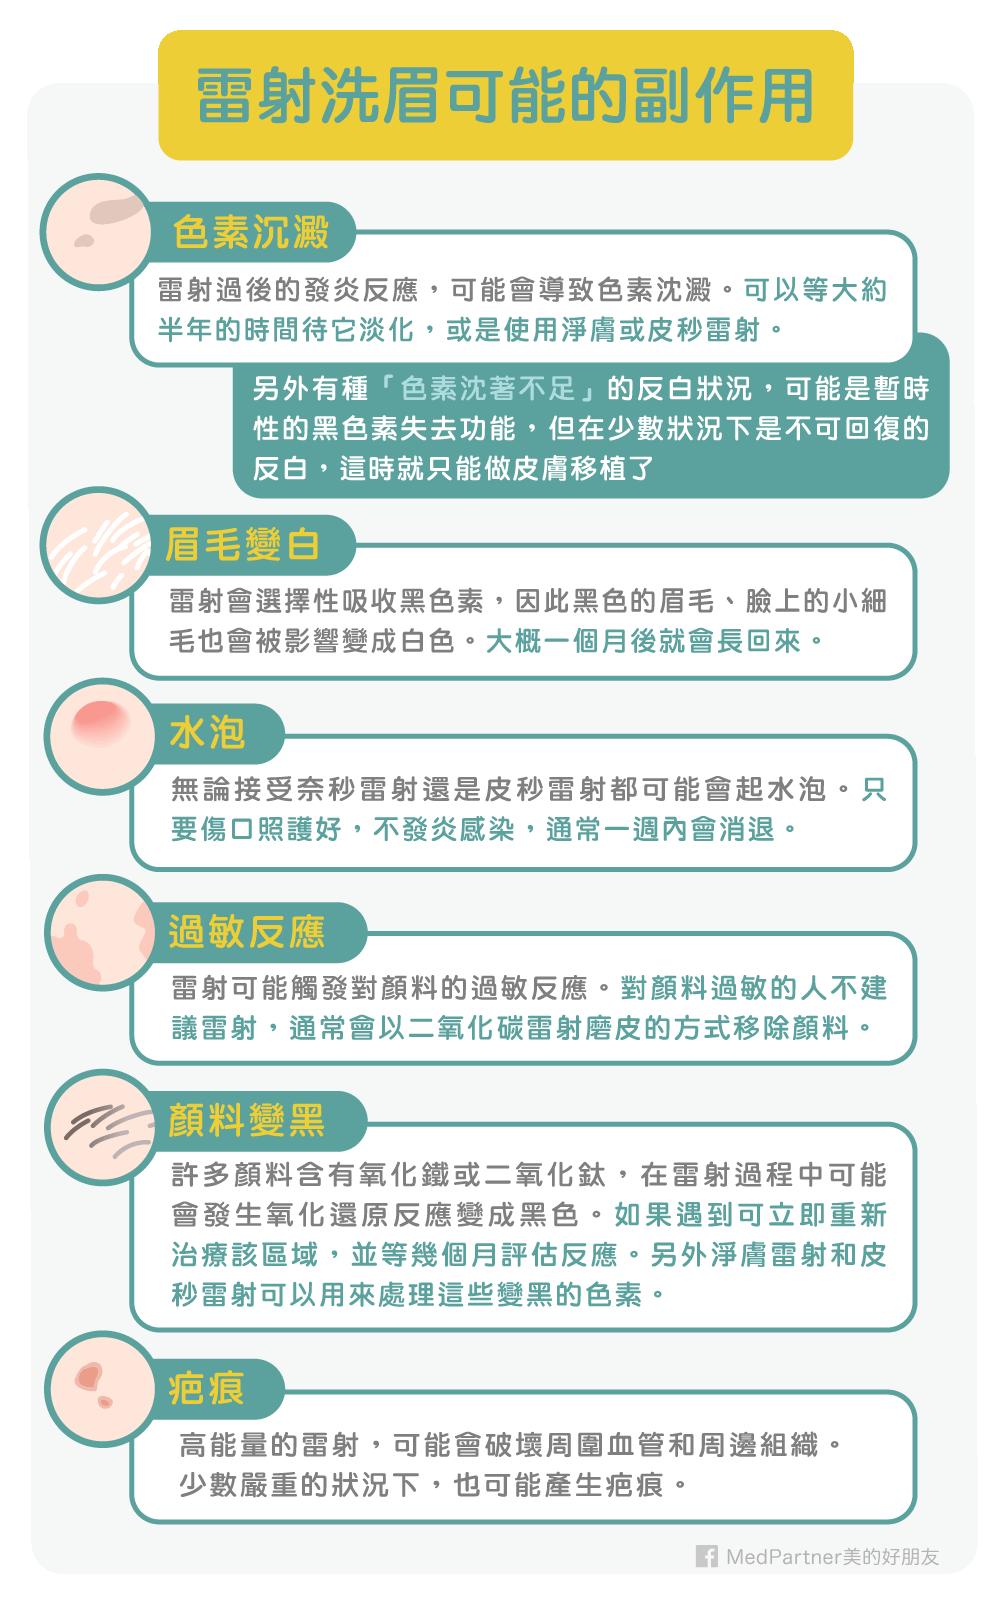 雷射洗眉可能的副作用